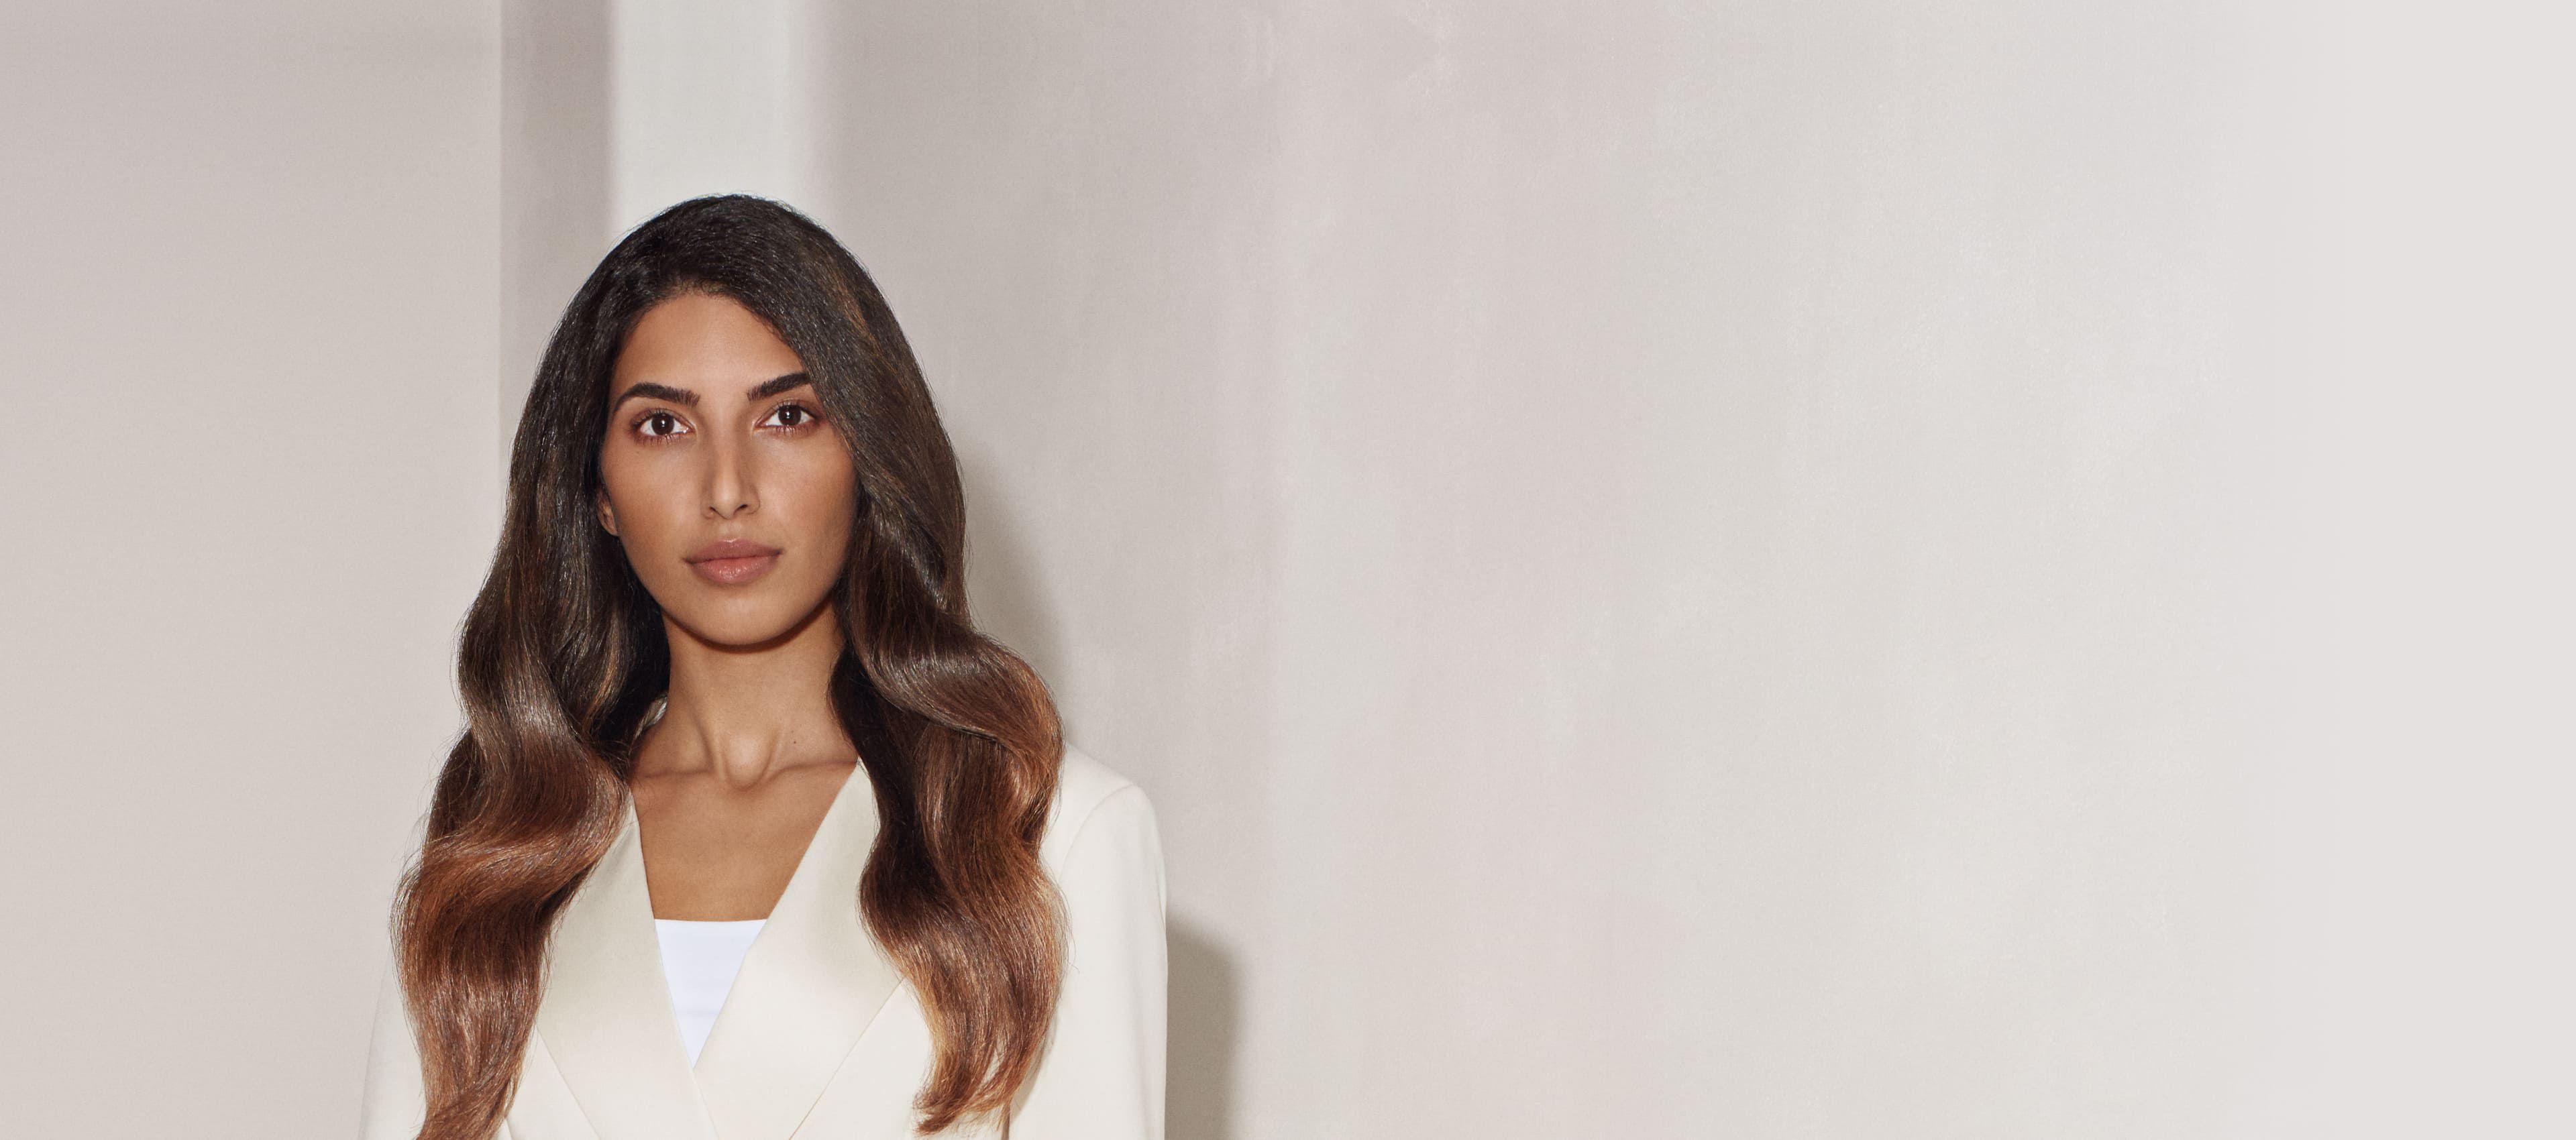 La nueva tendencia que llega directa desde Dinamarca: el pelo hygge